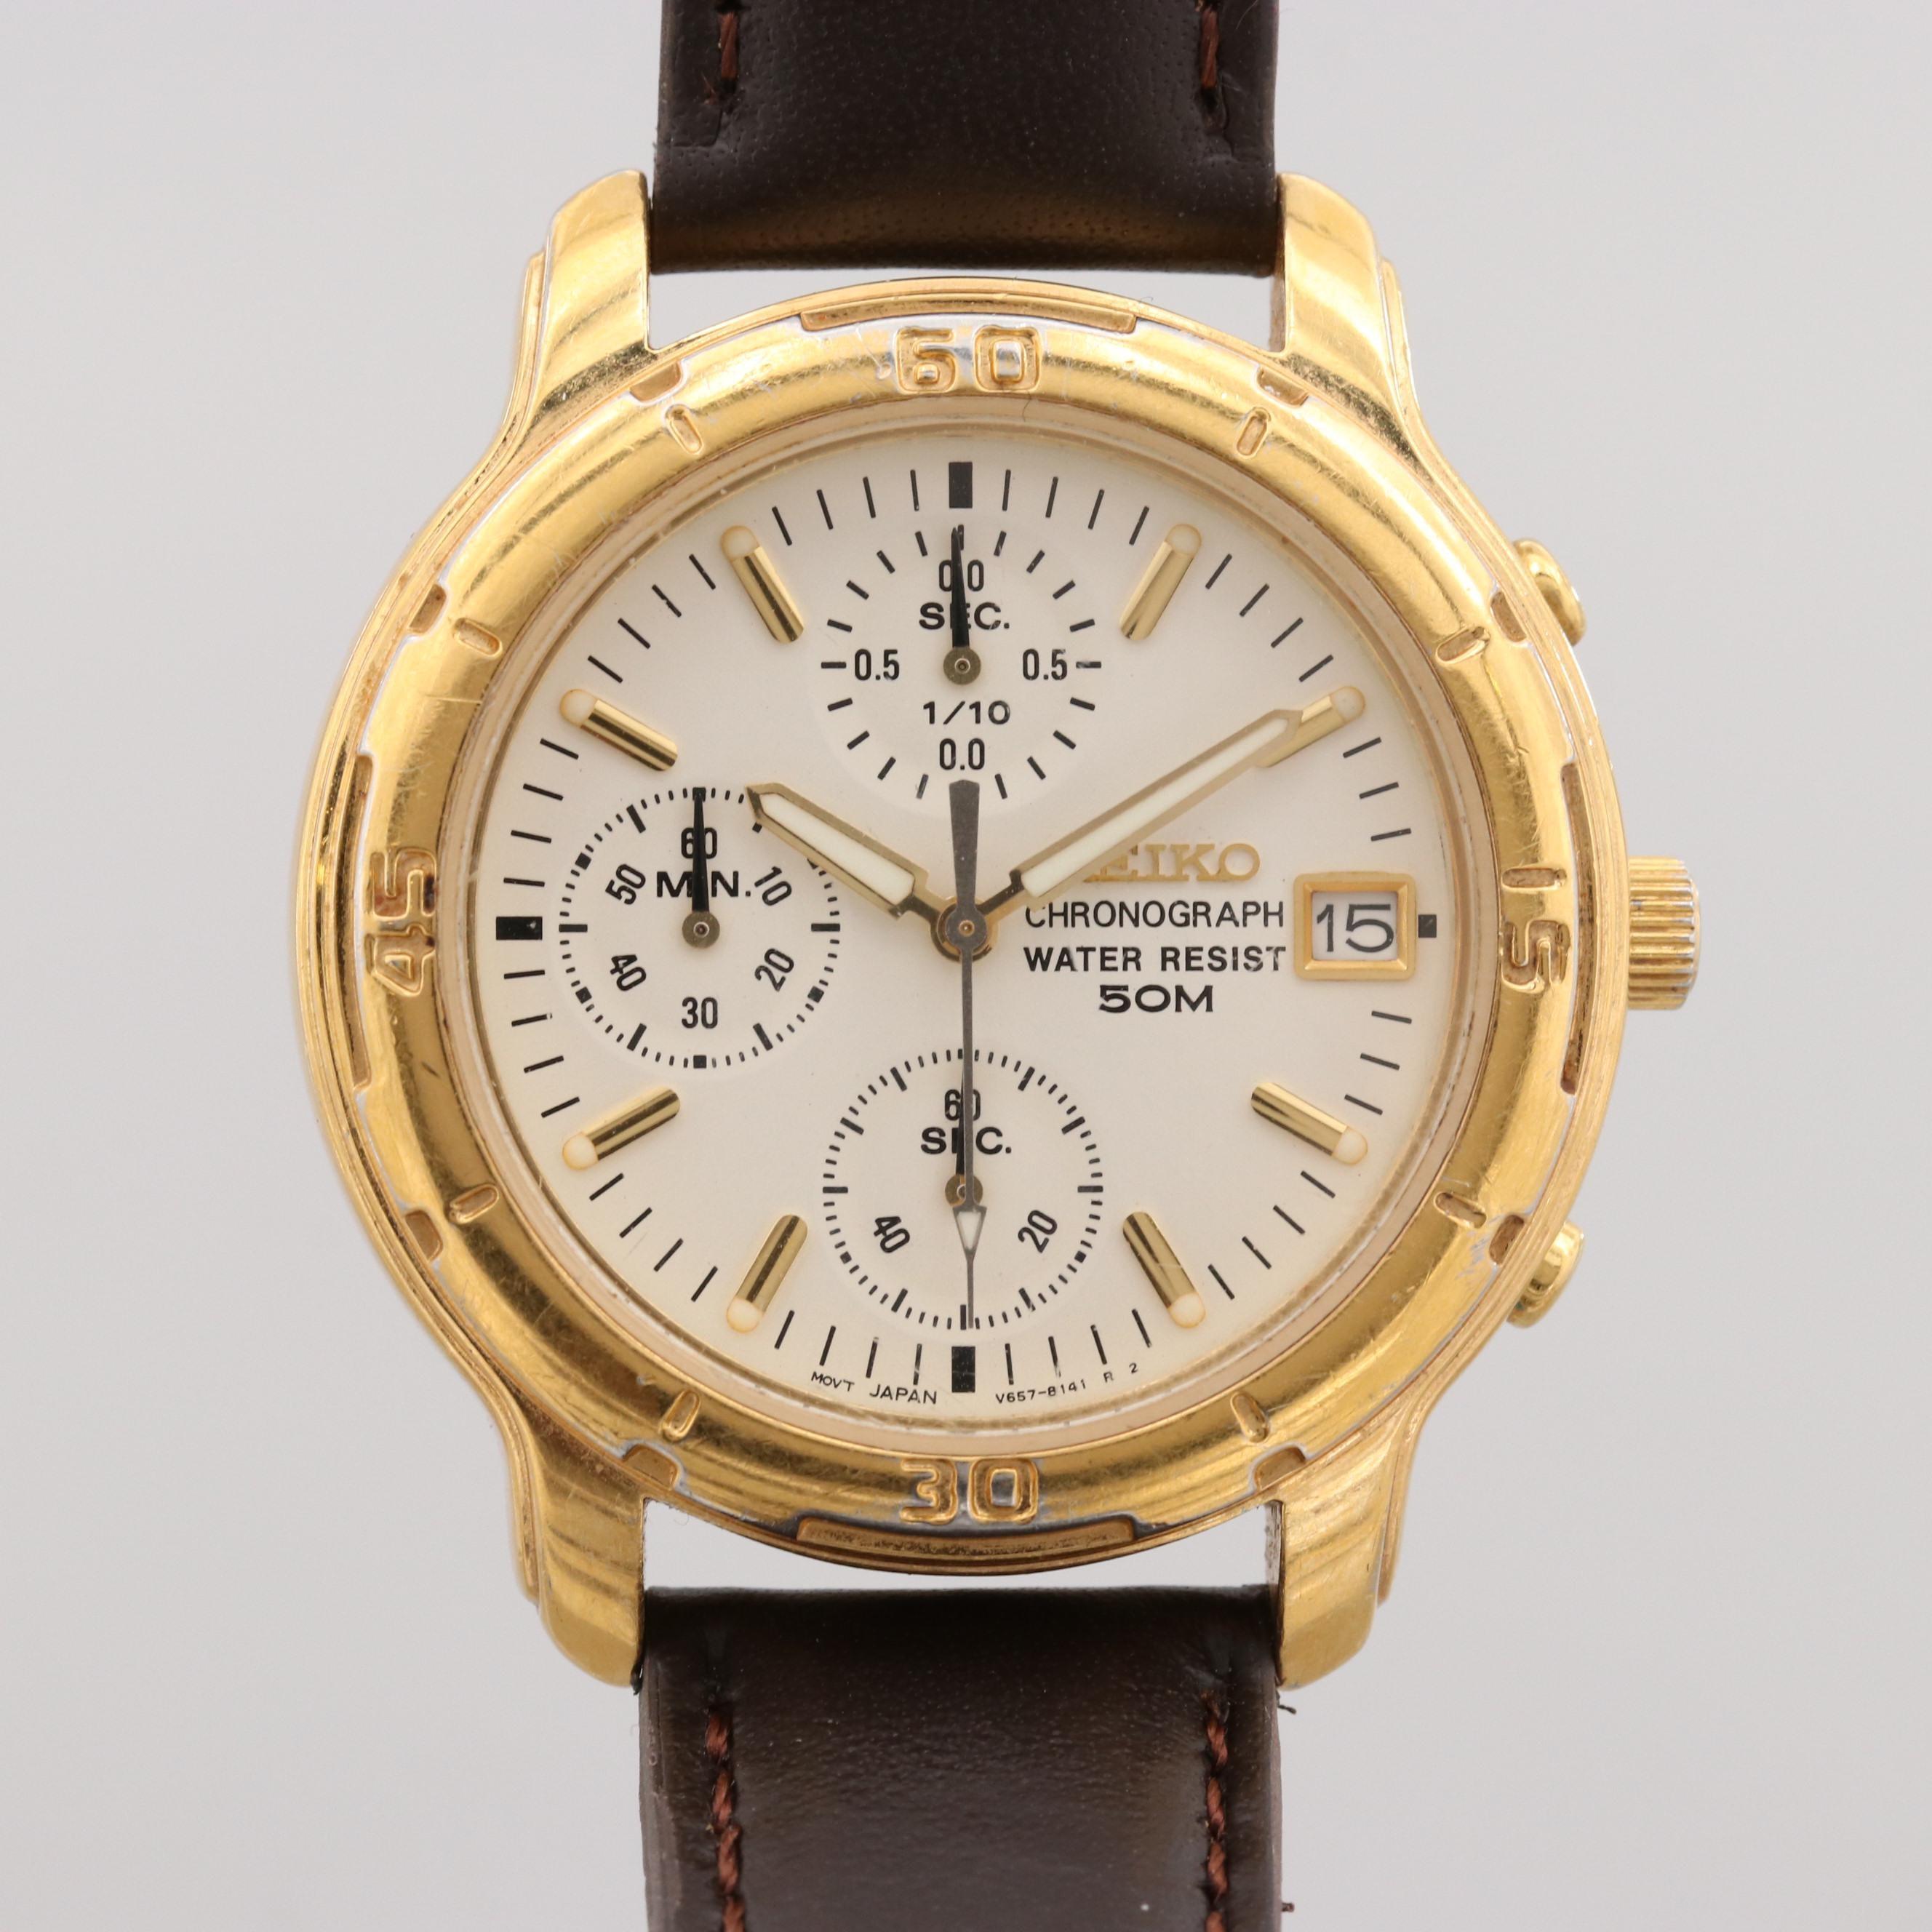 Seiko Chronograph Wristwatch With Date Window